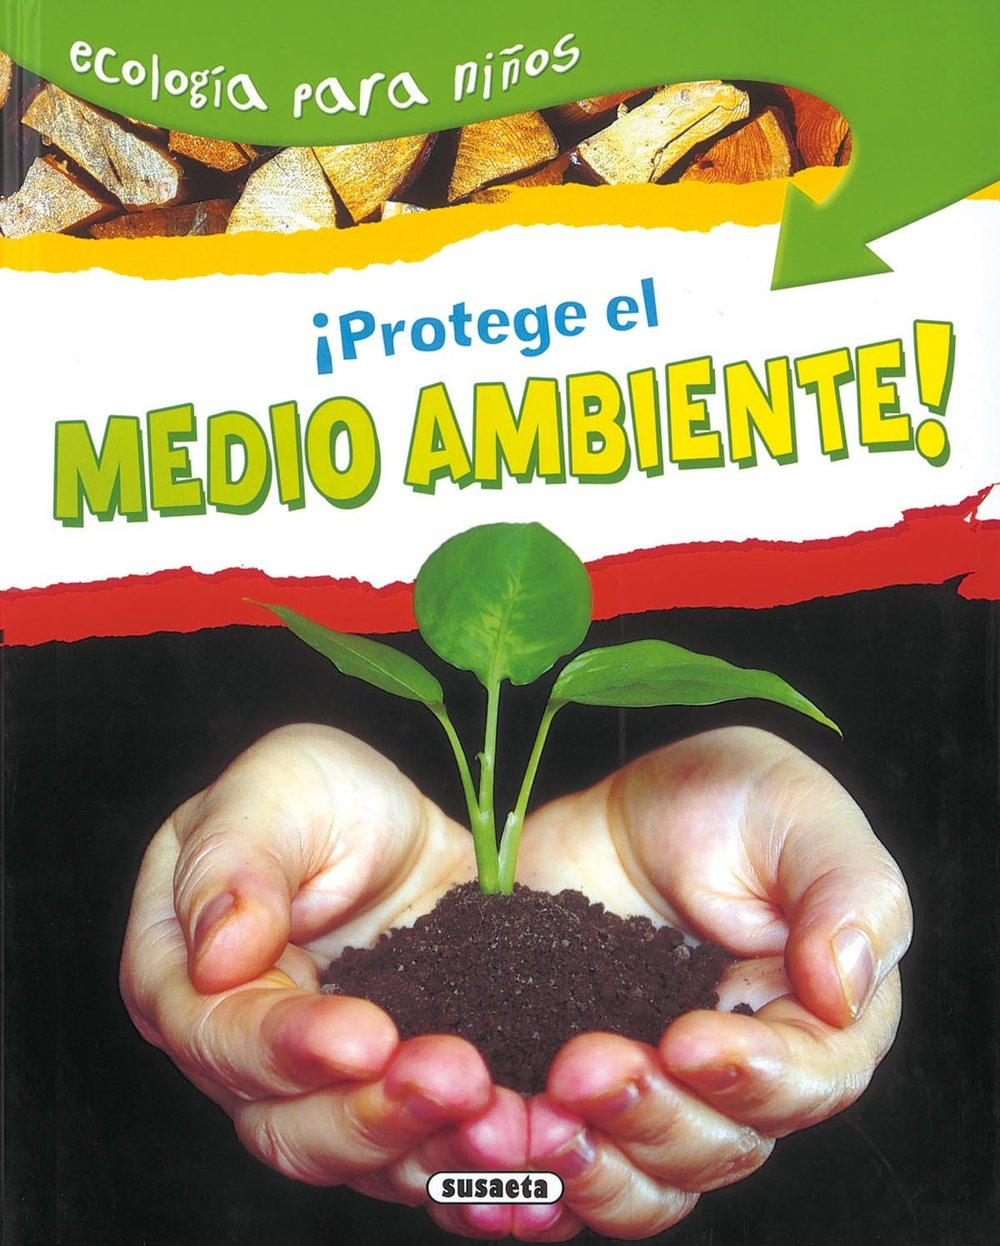 Protege el medio ambiente